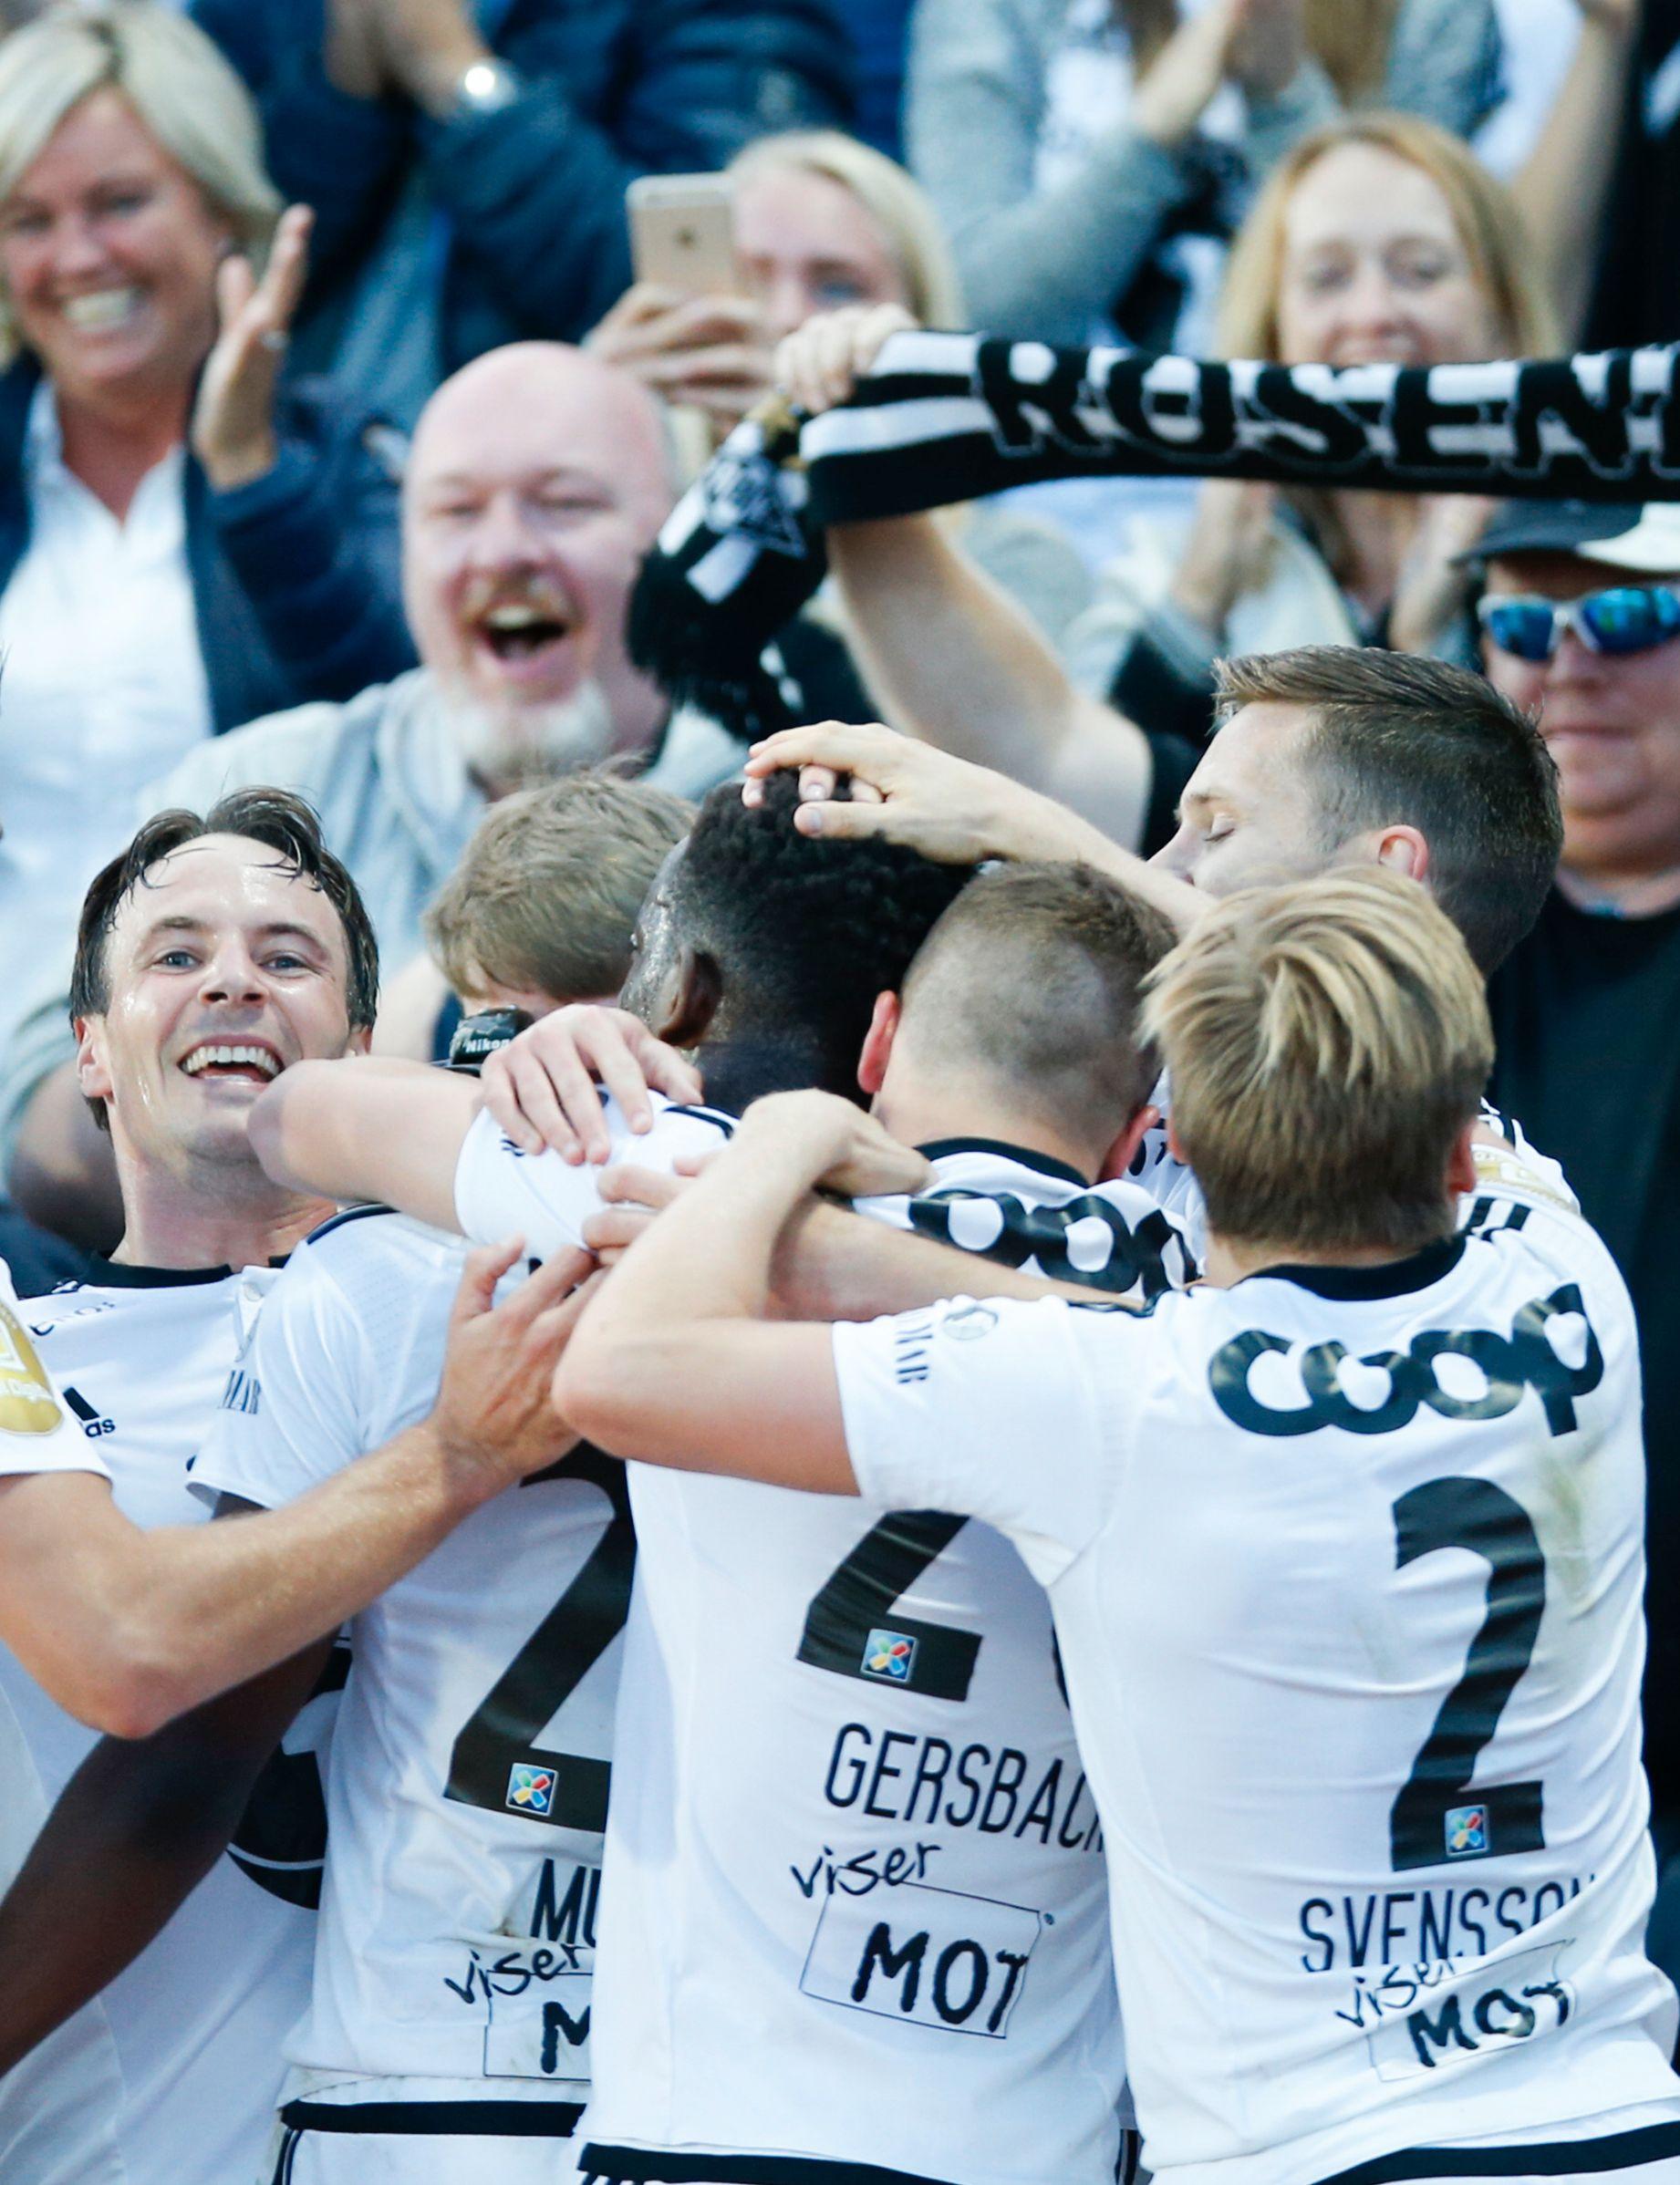 JUBEL TIL SLUTT: Målscorerene Mike Jensen og Mushaga Bakenga jubler sammen med Alexander Gersbach, Jonas Svensson og RBK-fansen på Nadderud.